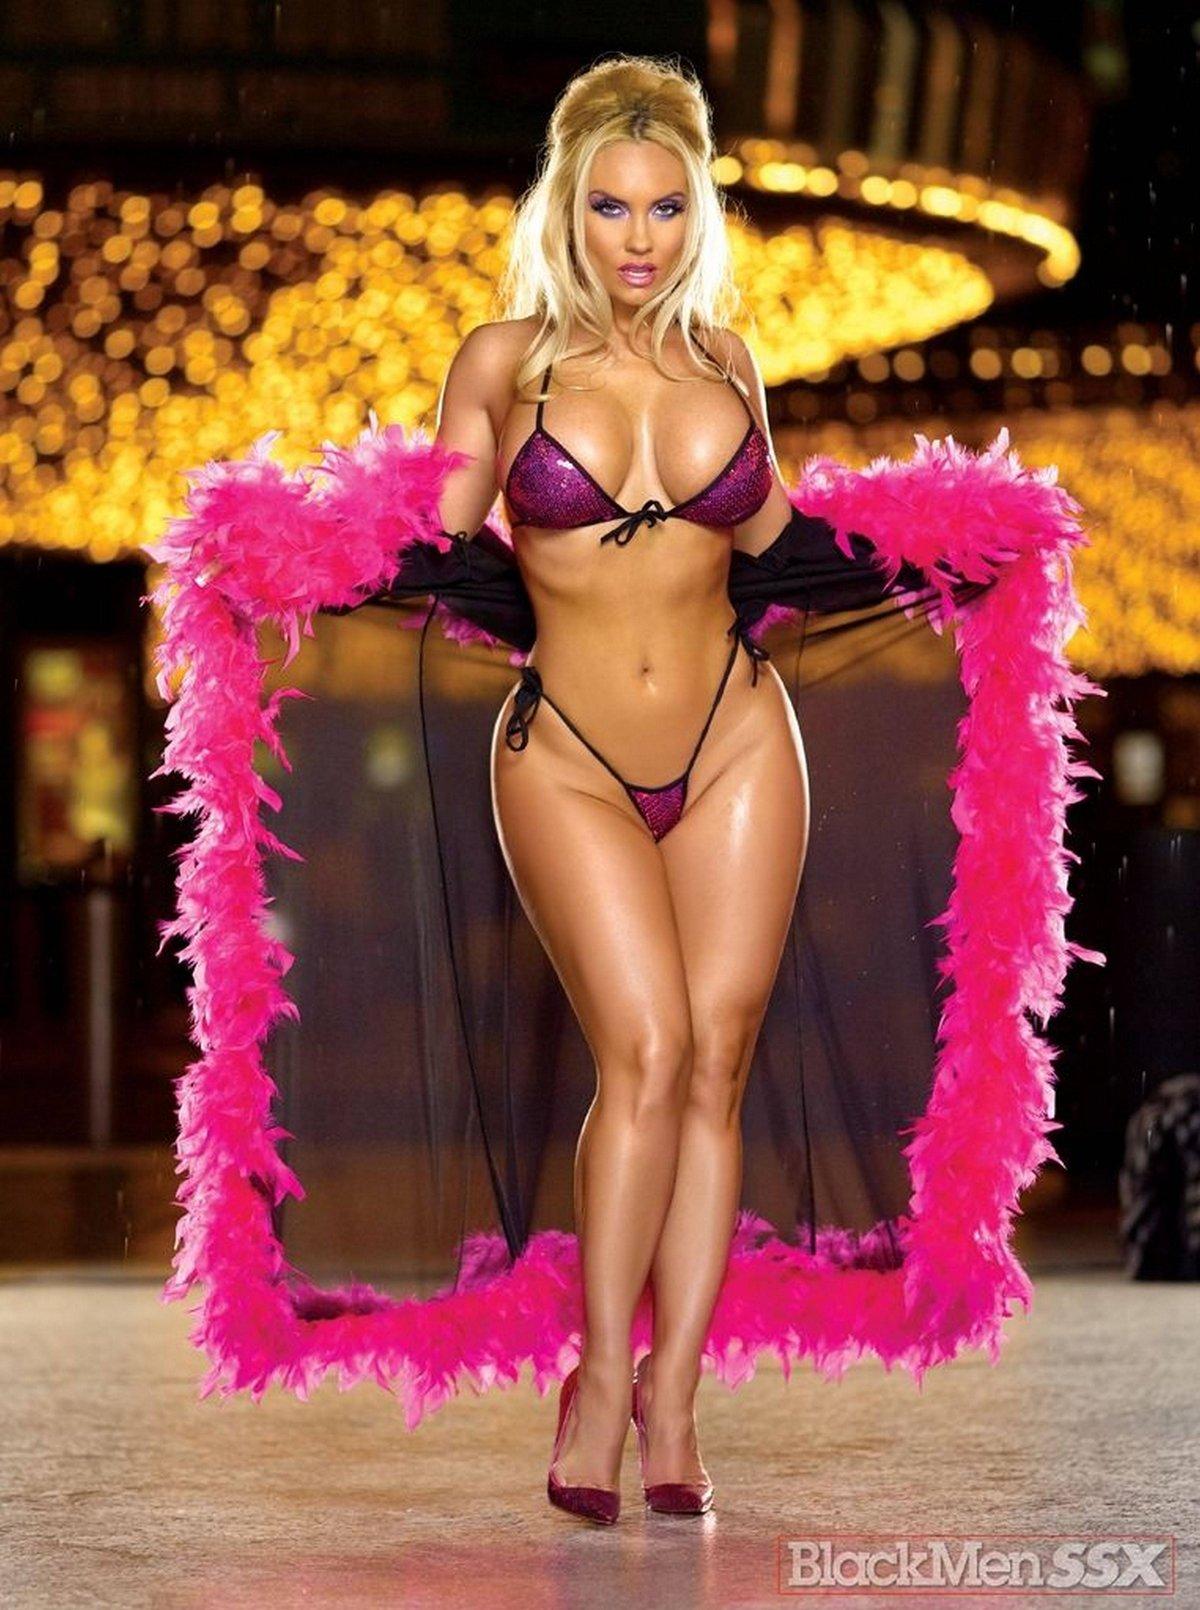 Фото проституток американских моделей 13